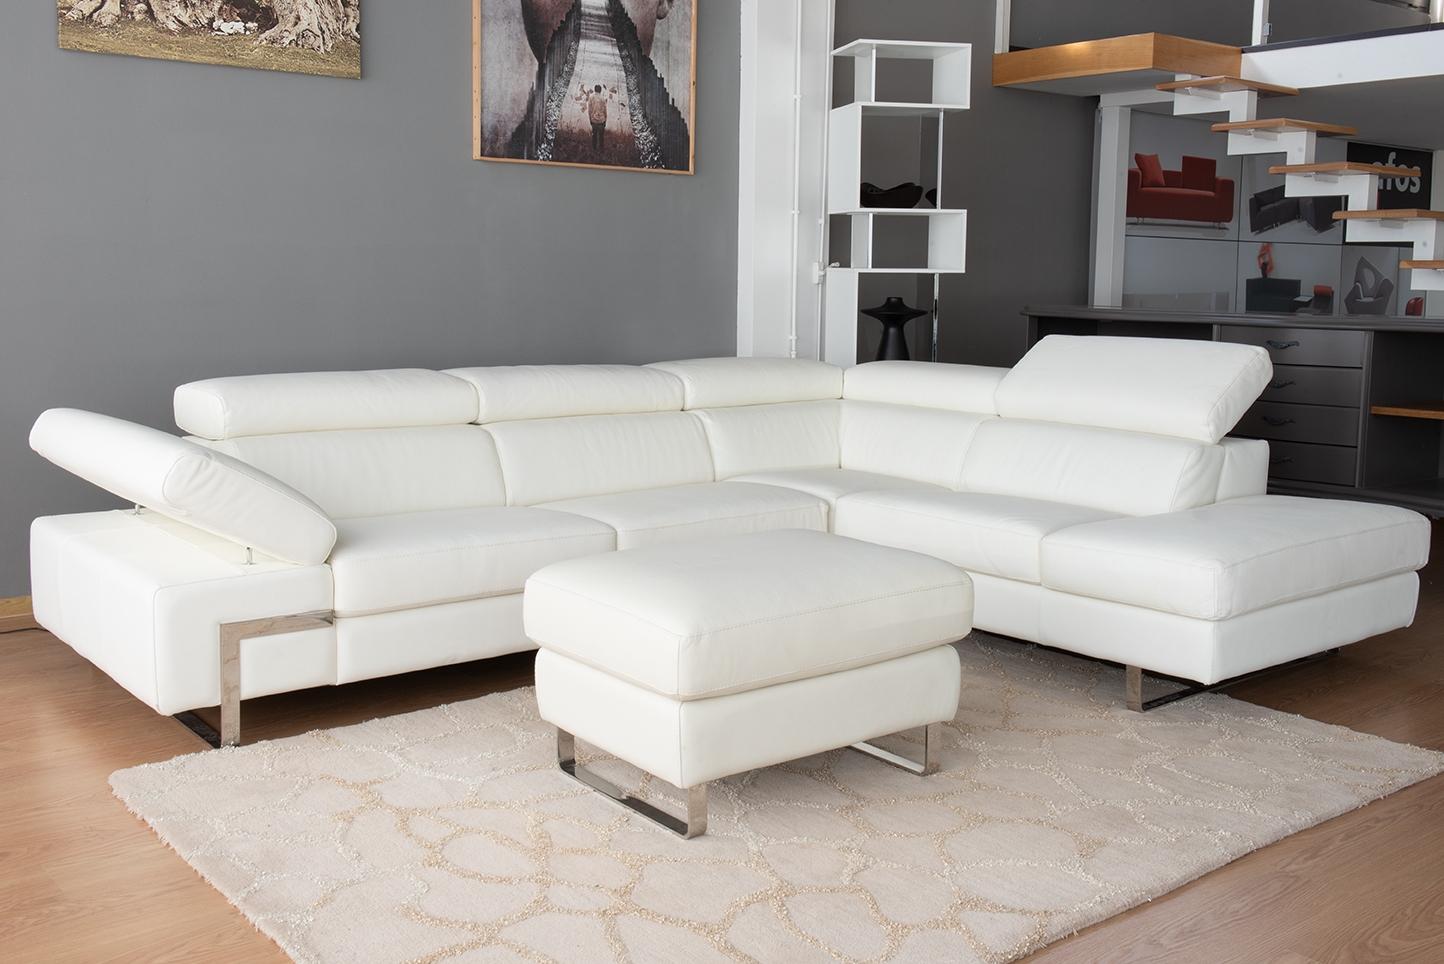 Offerta Divano angolare bianco 5 posti con poggiatesta recliner